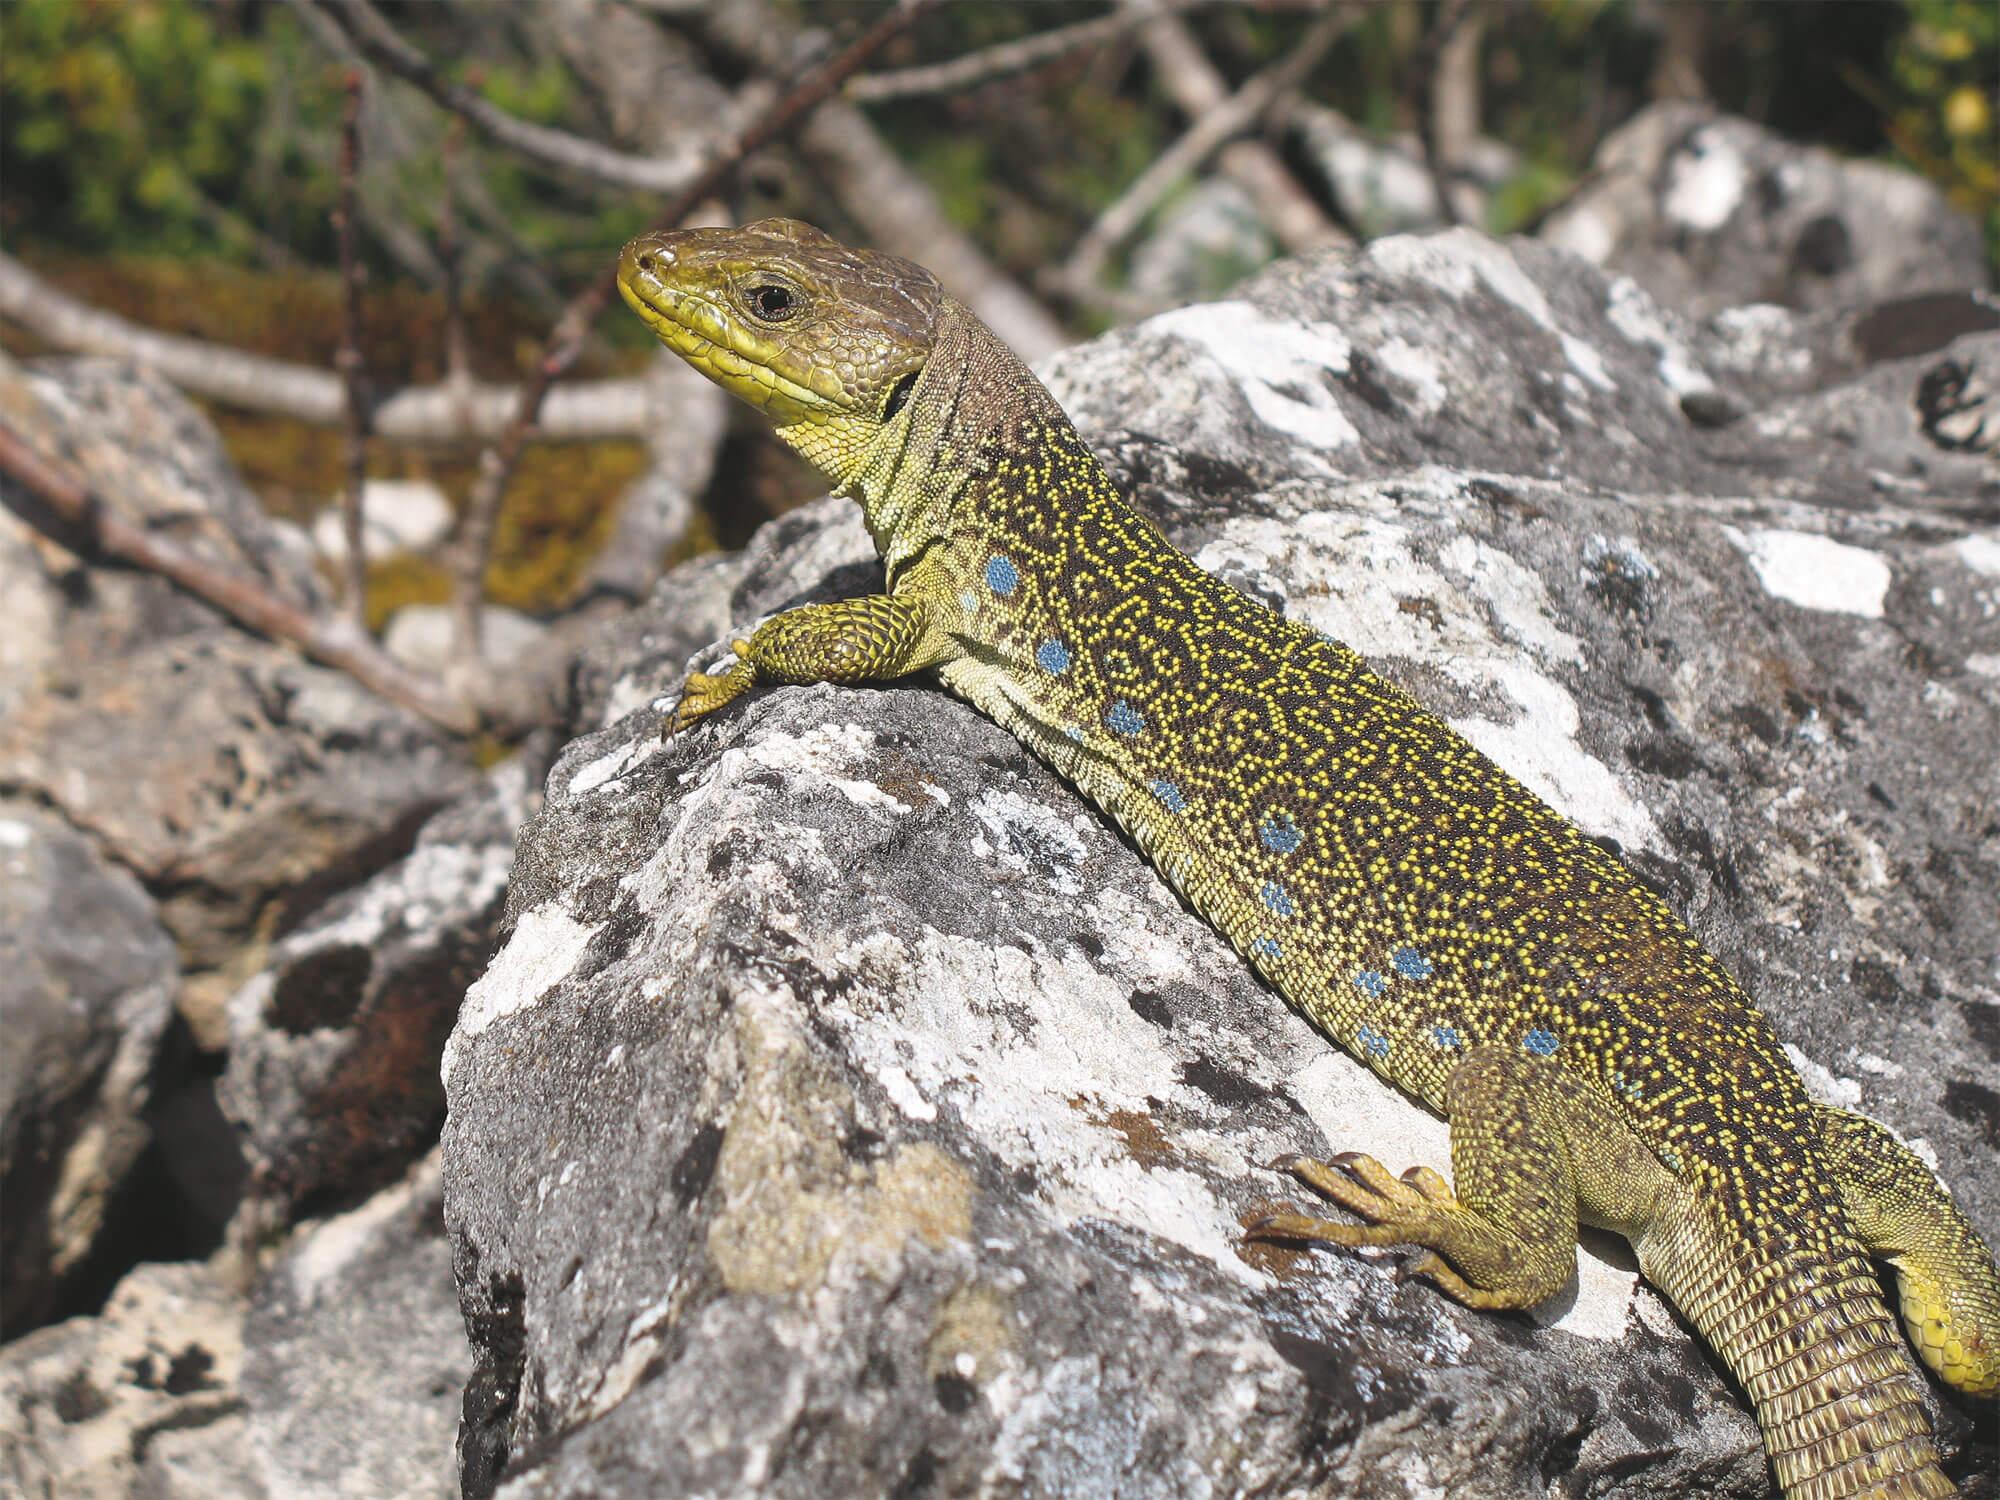 La belle couleuvre de Montpellier - La Salamandre lezard